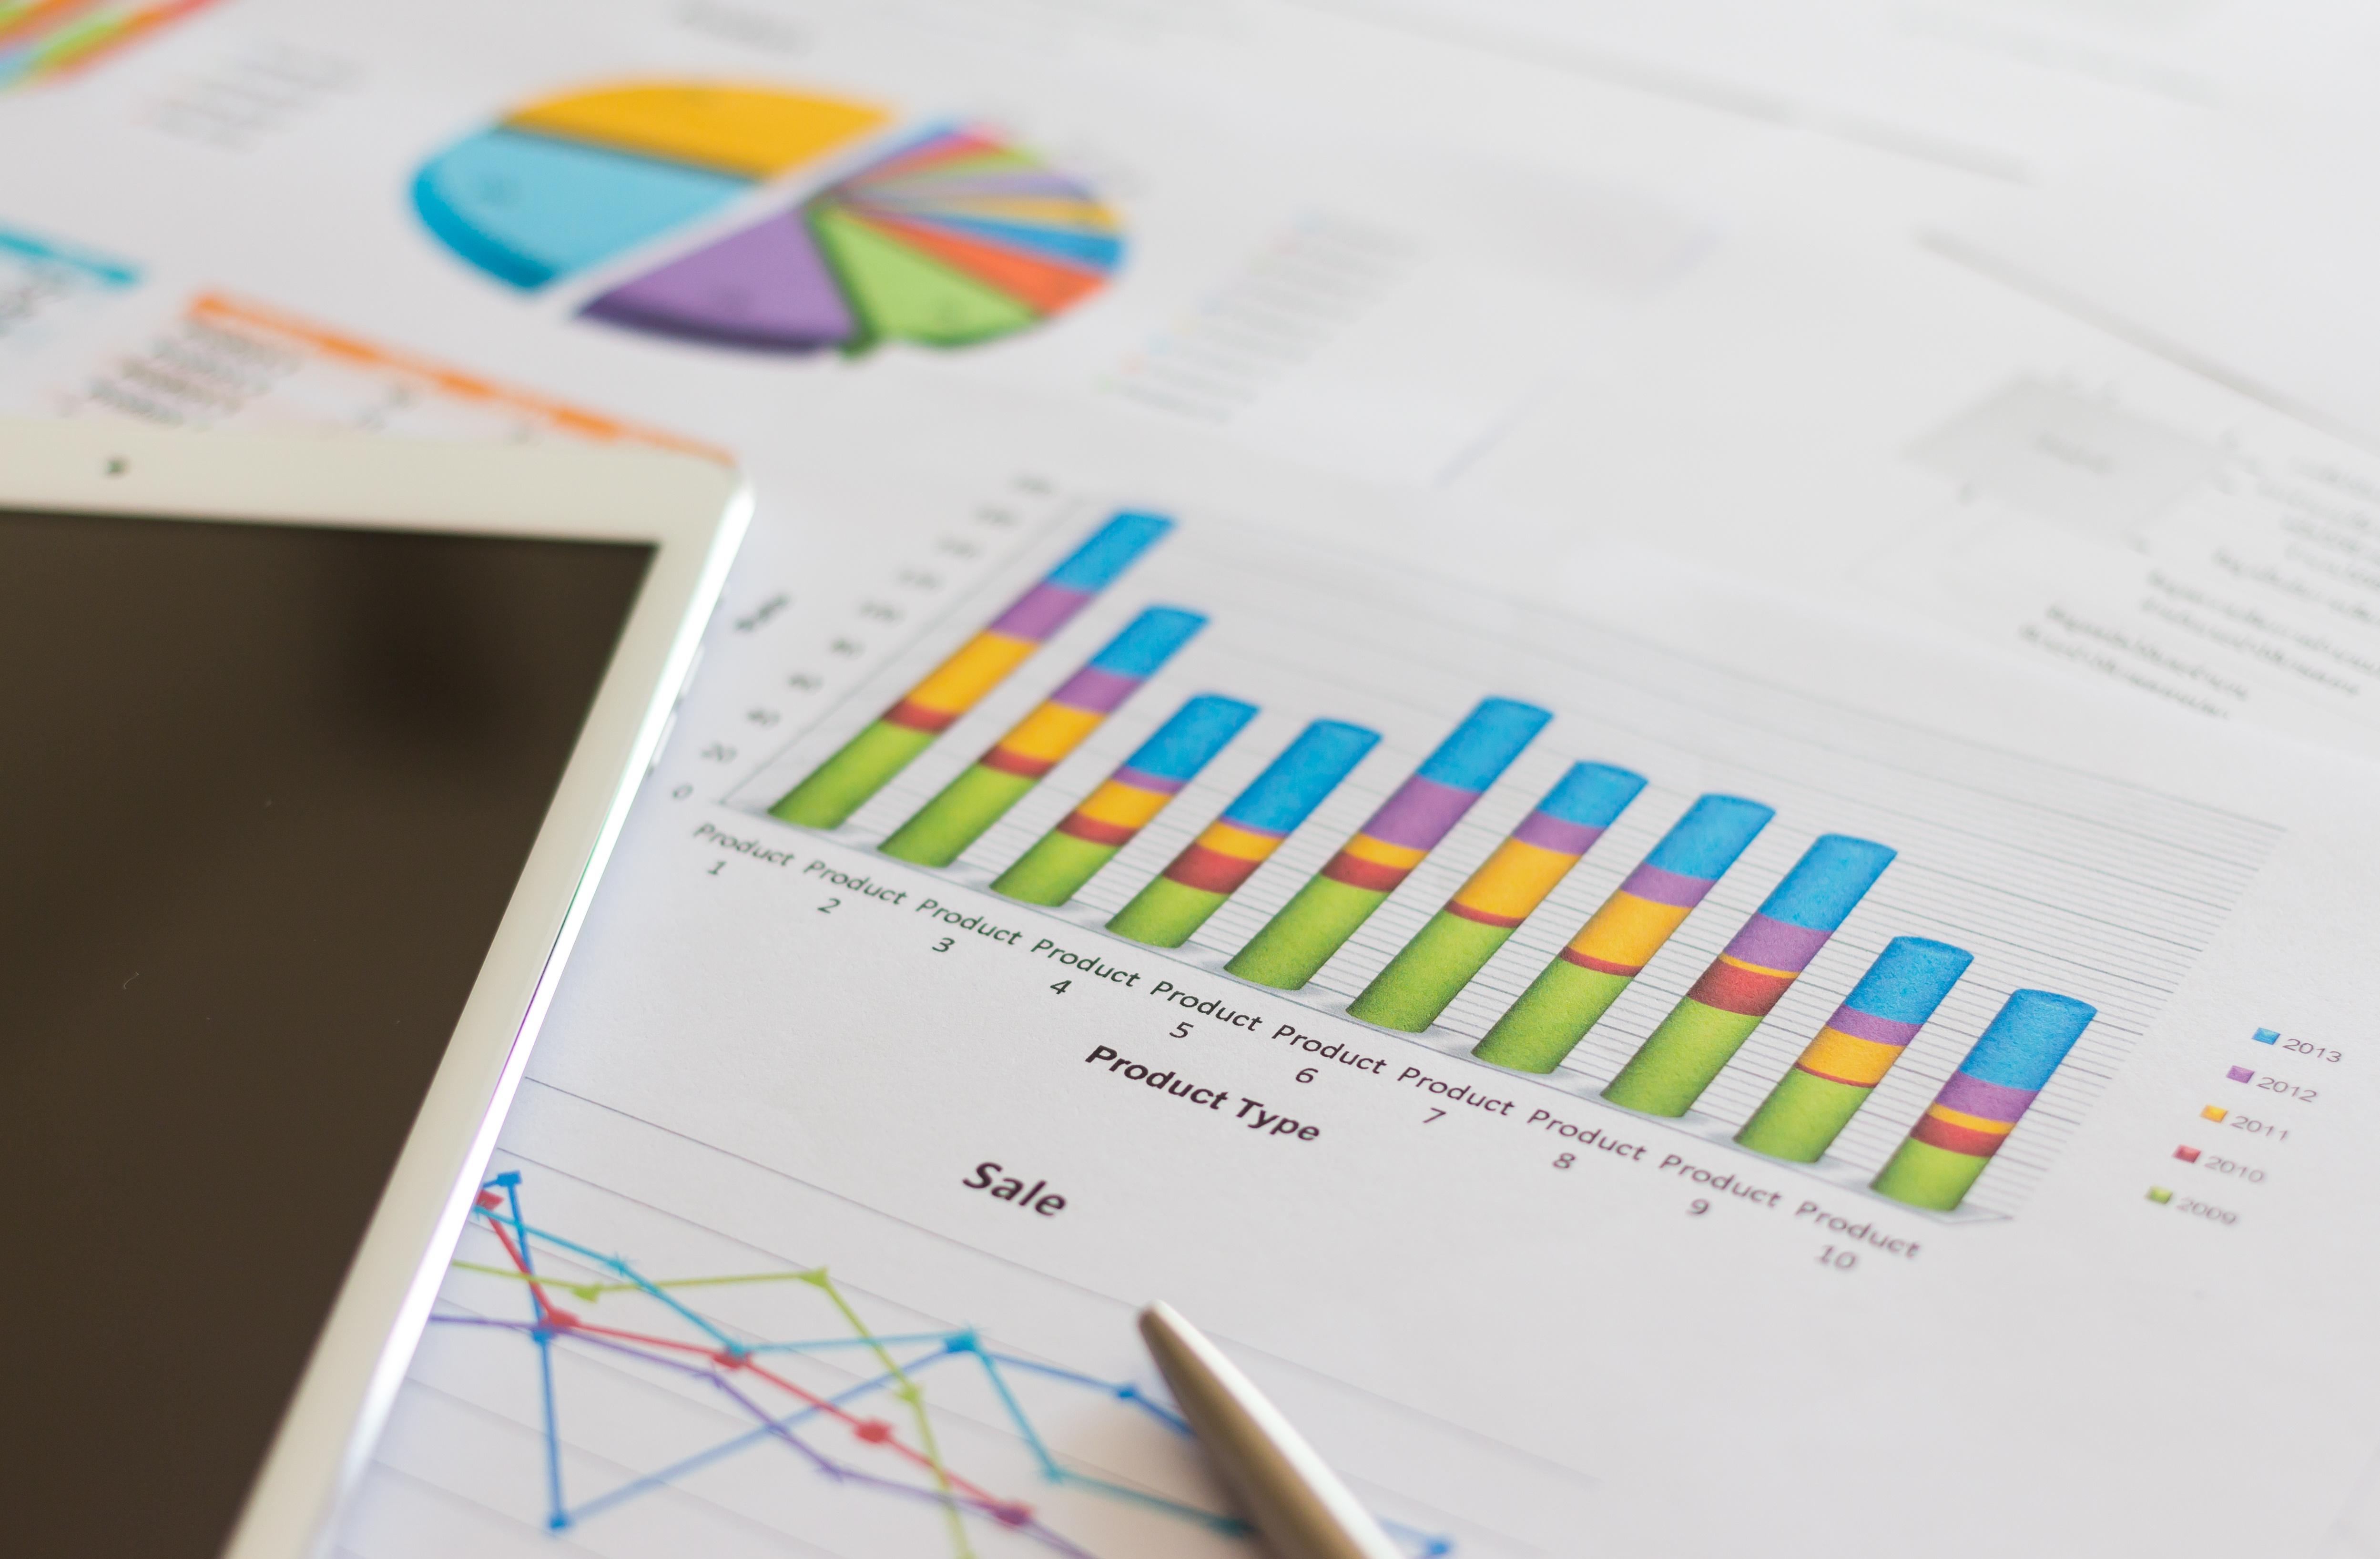 Big Data bar chart